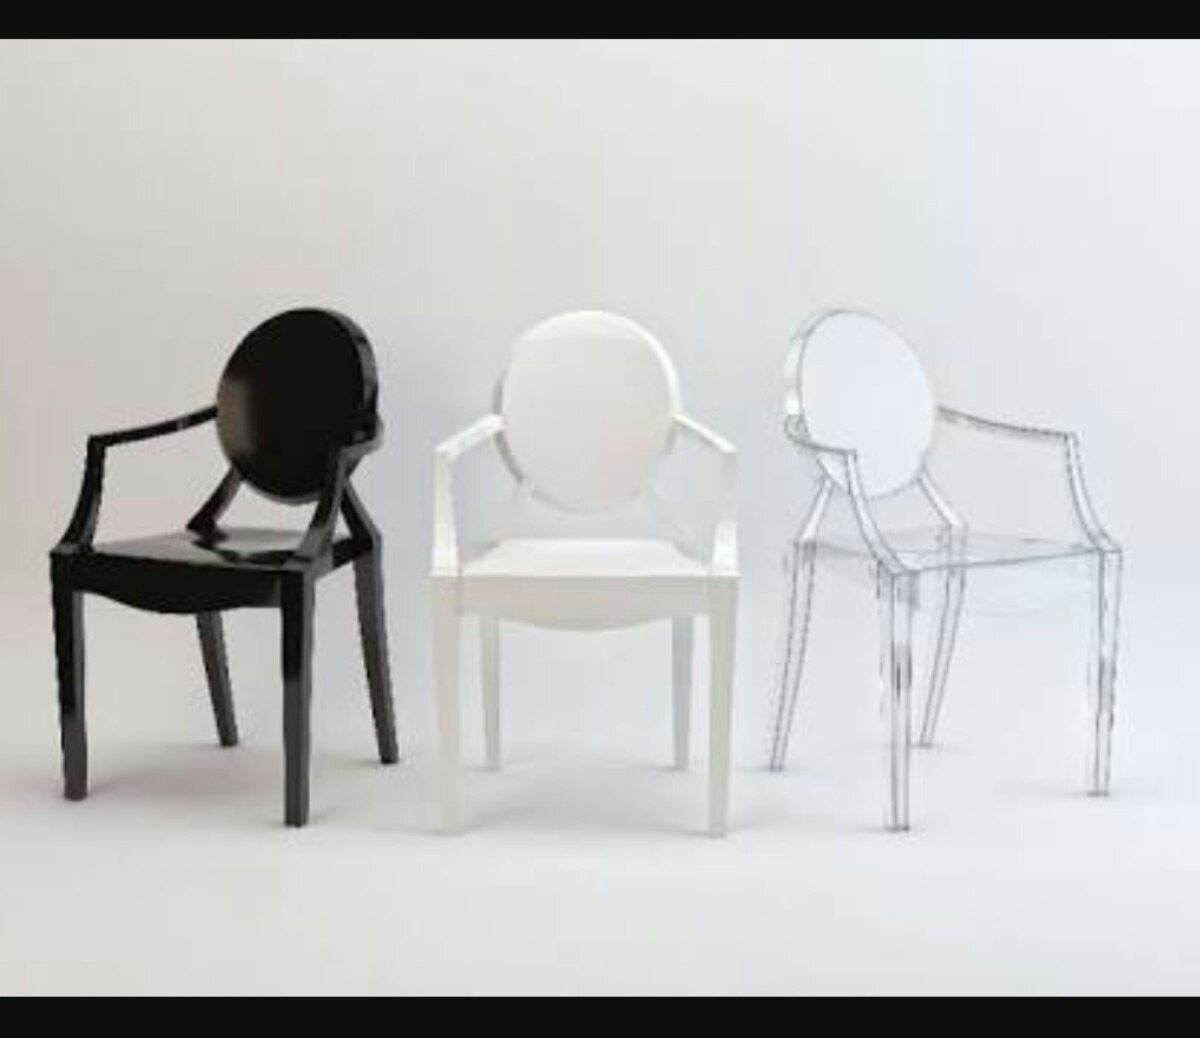 silla ghost con brazo transparente blanca negra y roja - Sillas Transparentes Baratas